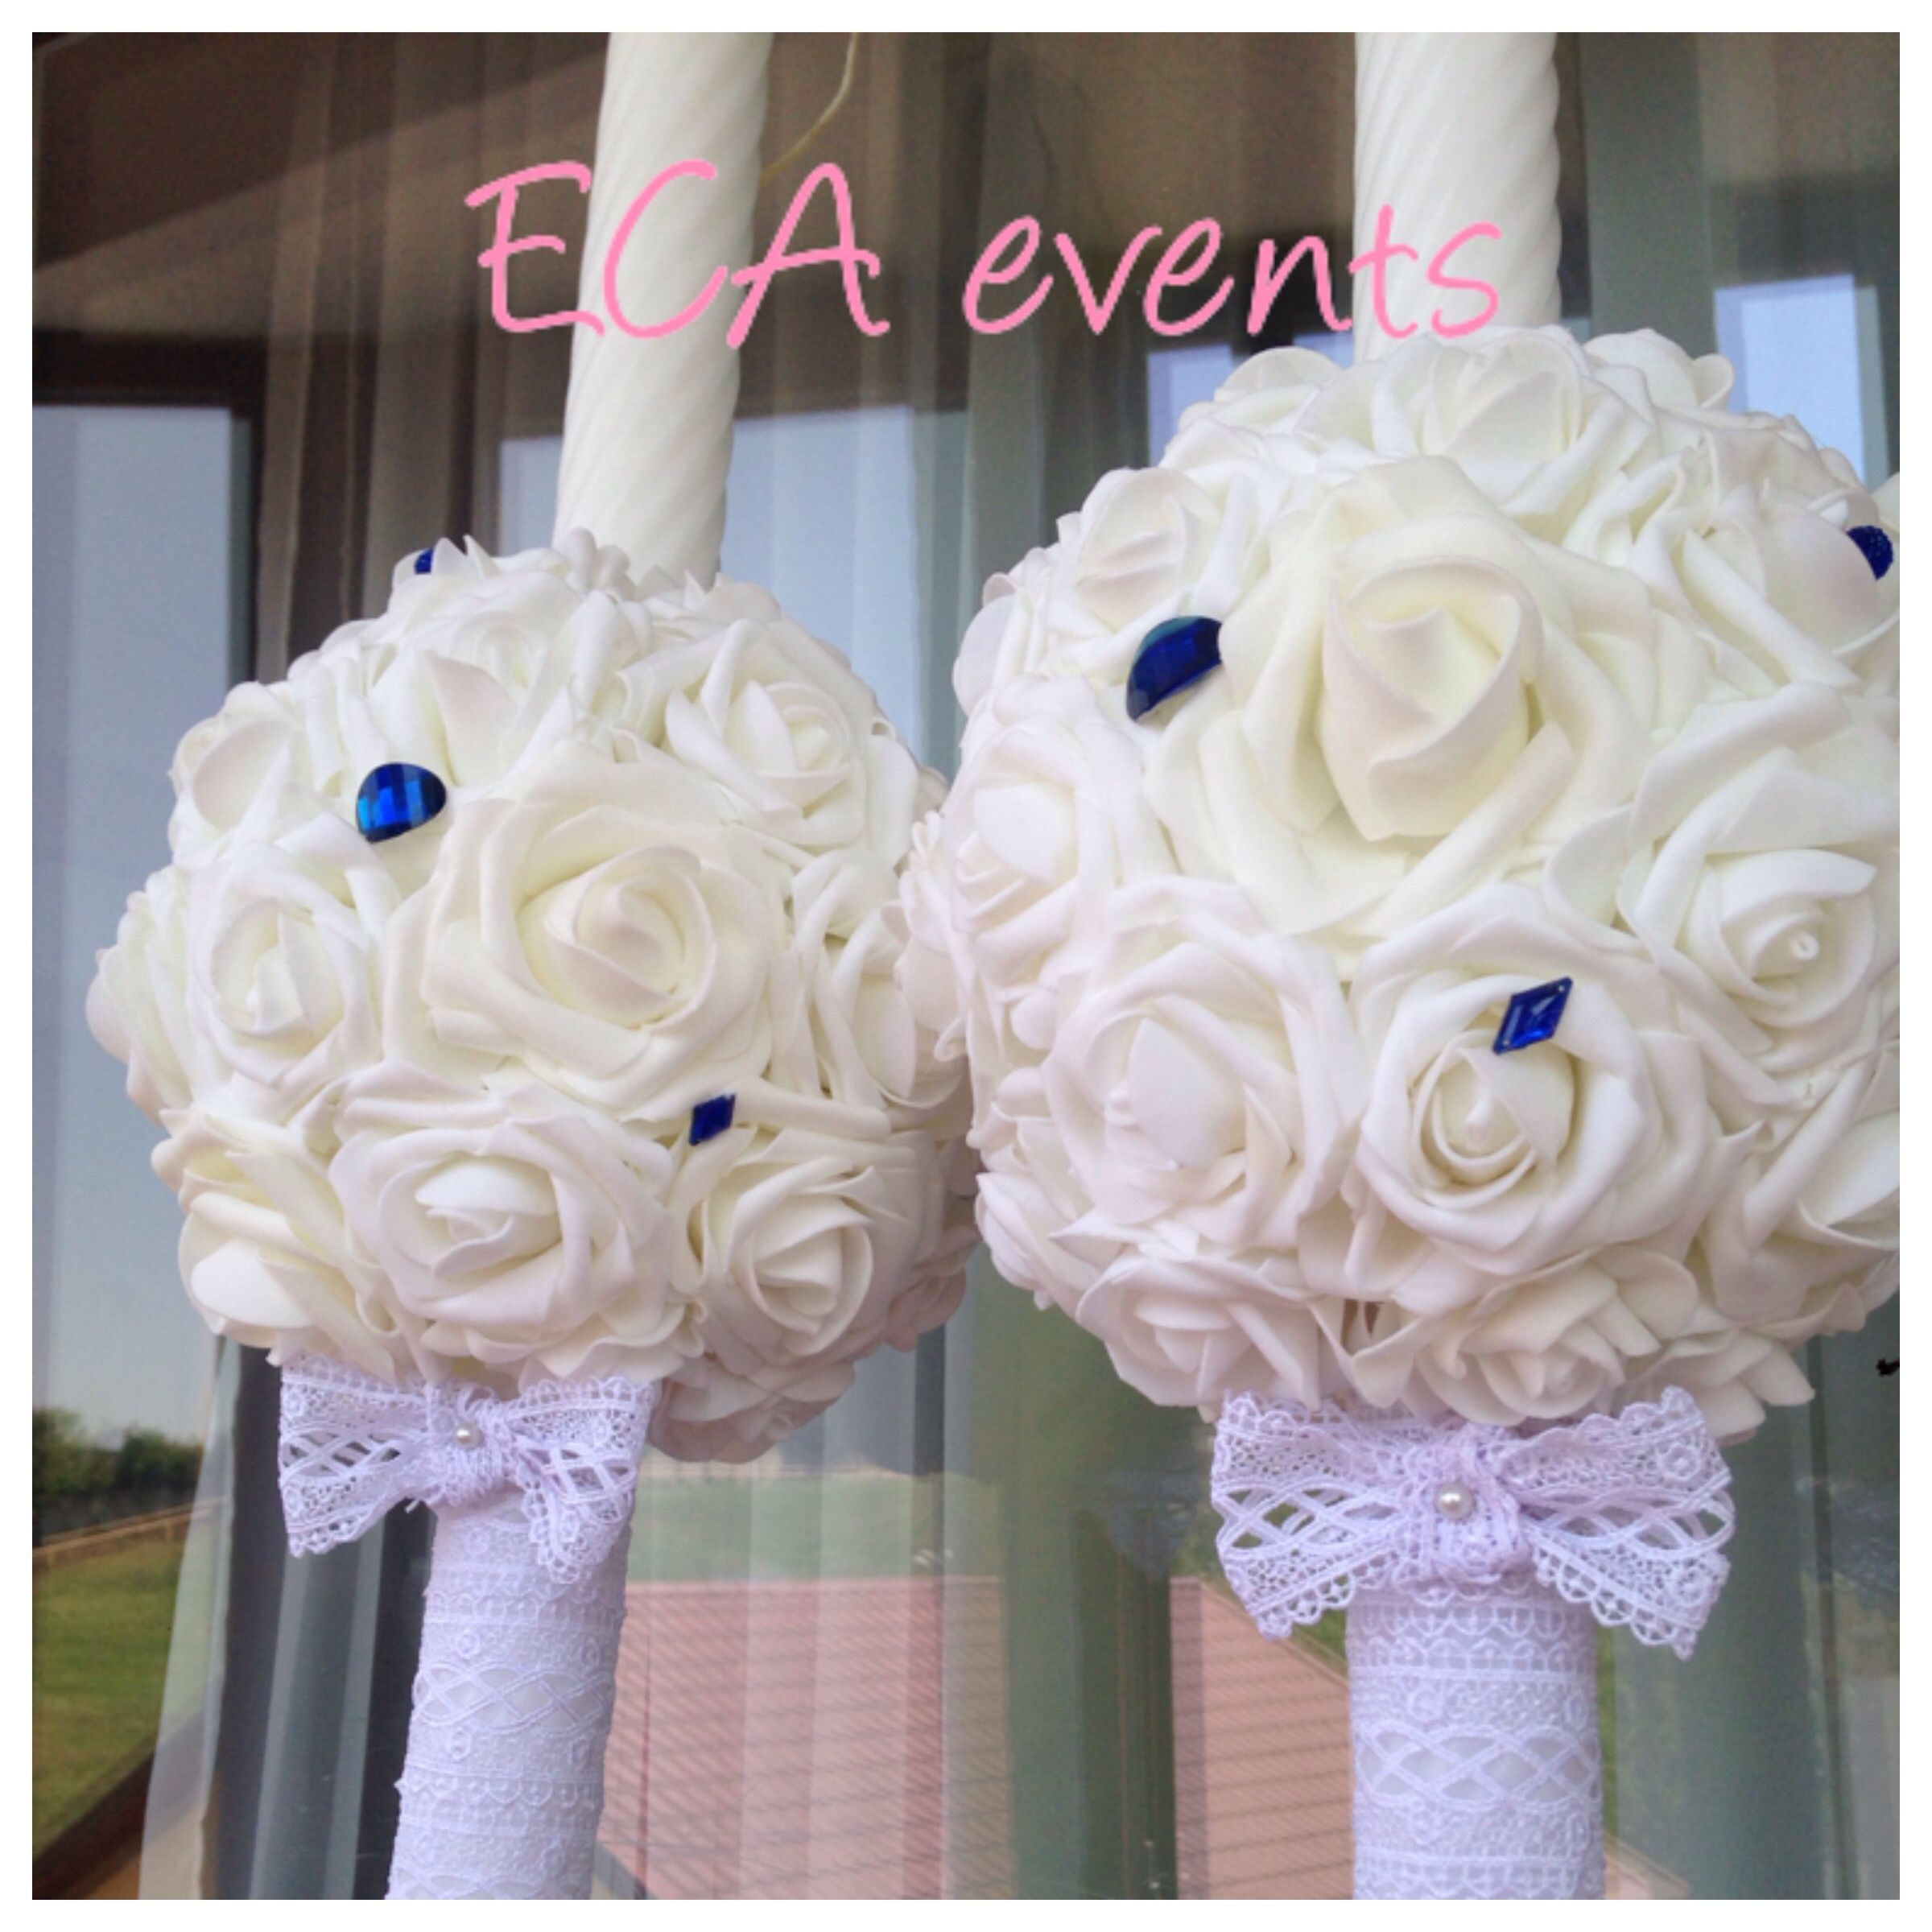 wedding bouquet , bridalbouquet , handmade, nunta , buchet de mireasa , broochbouquet bijoux weddings candle ceremonie wedding church bride groom bridesmaid